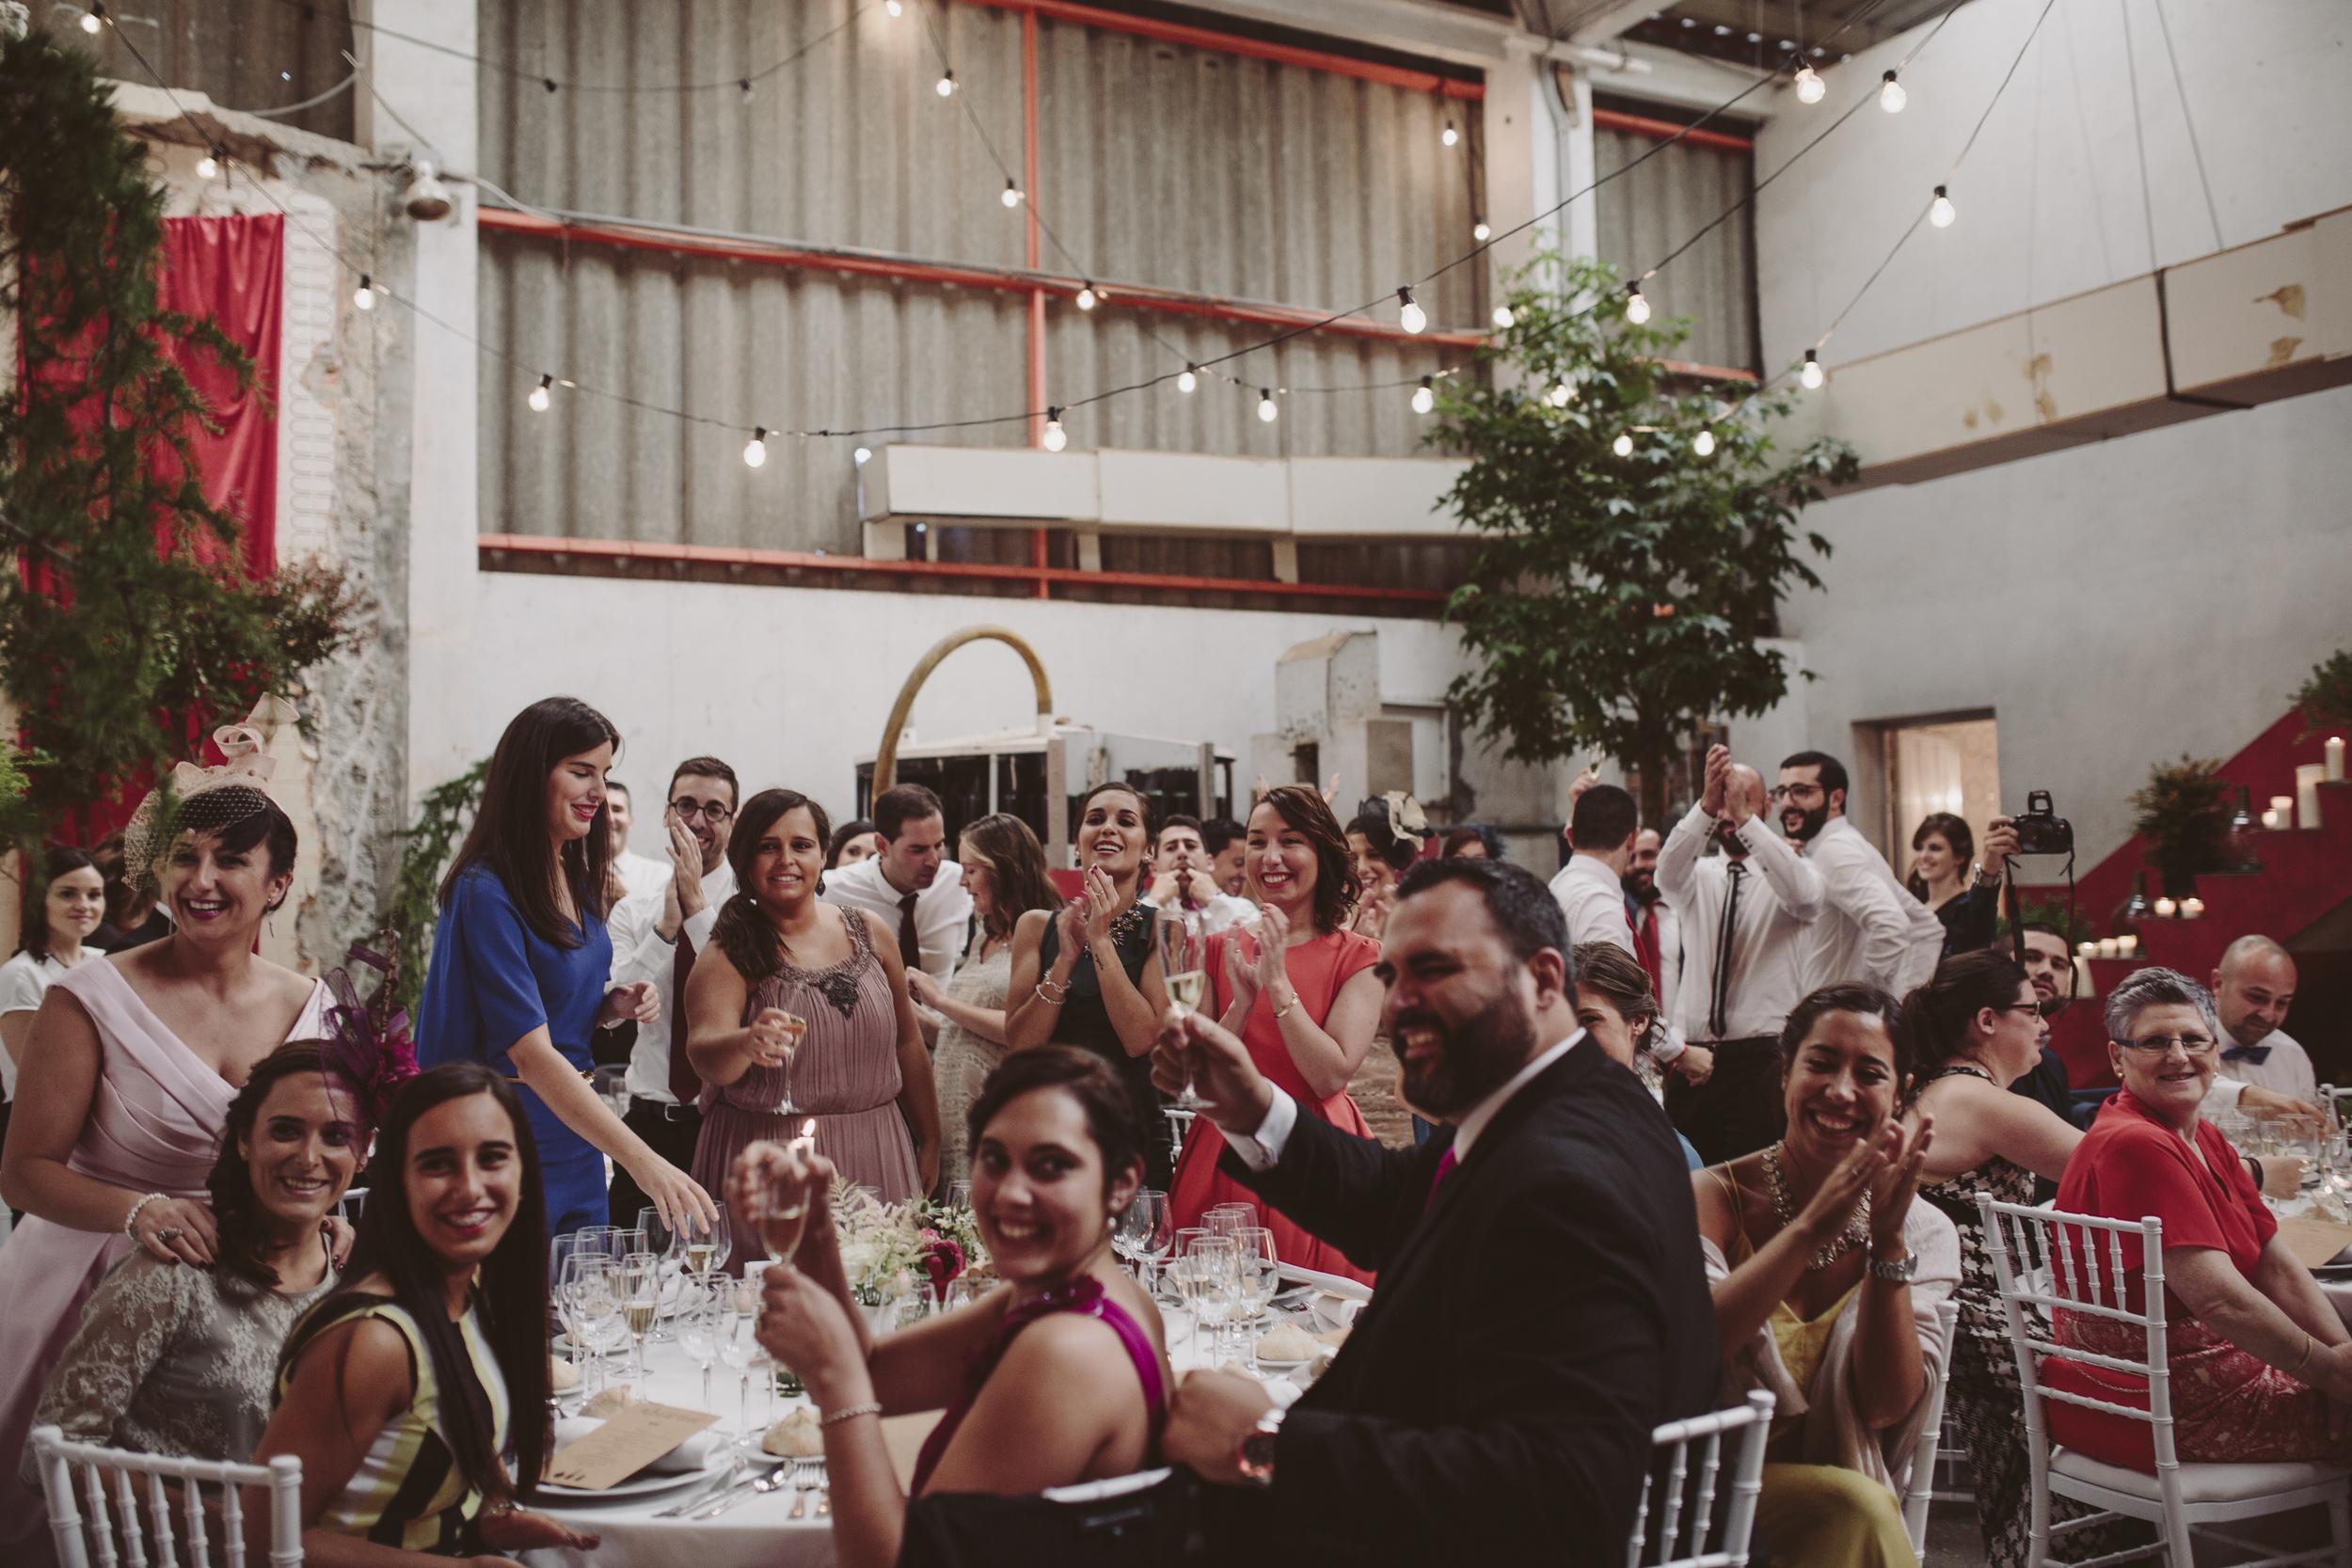 Fotografo bodas Pontevedra Graciela Vilagudin 651.jpg